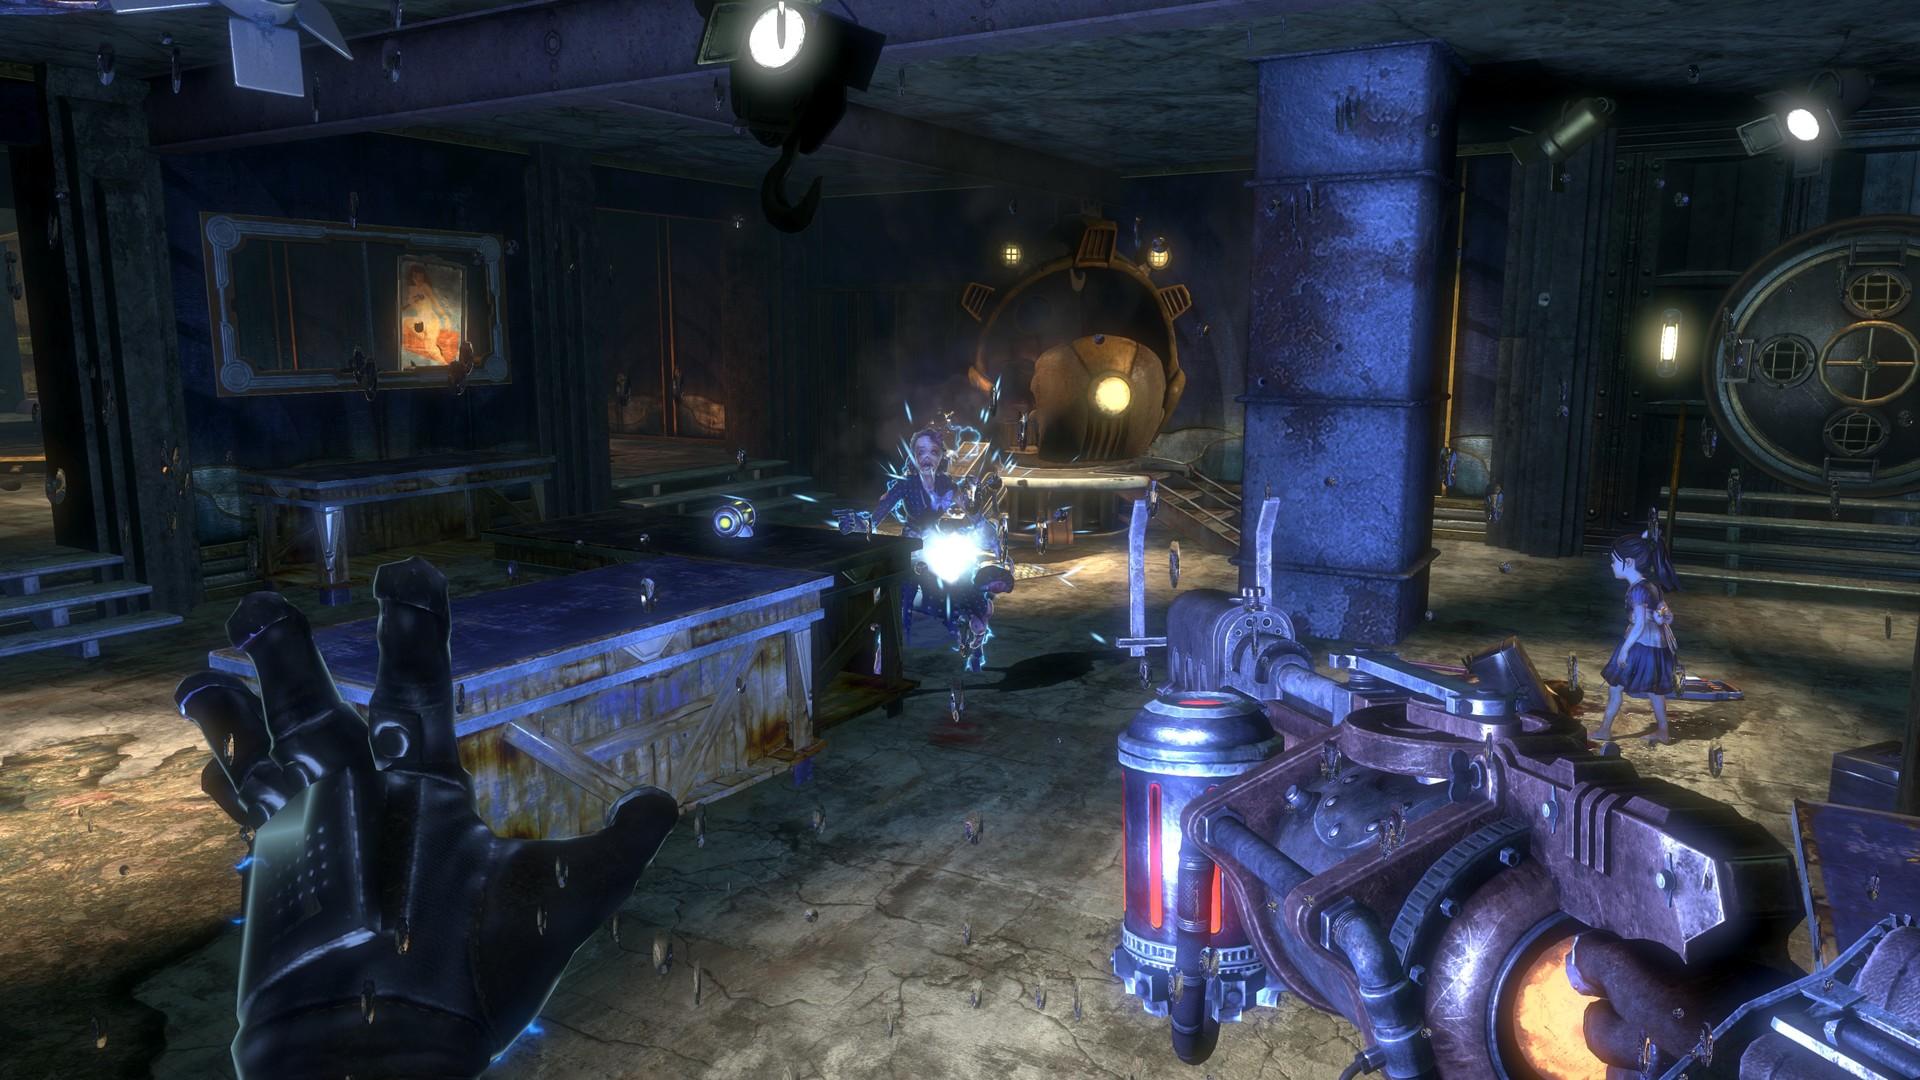 BioShock 2 Remastered Screenshot 1